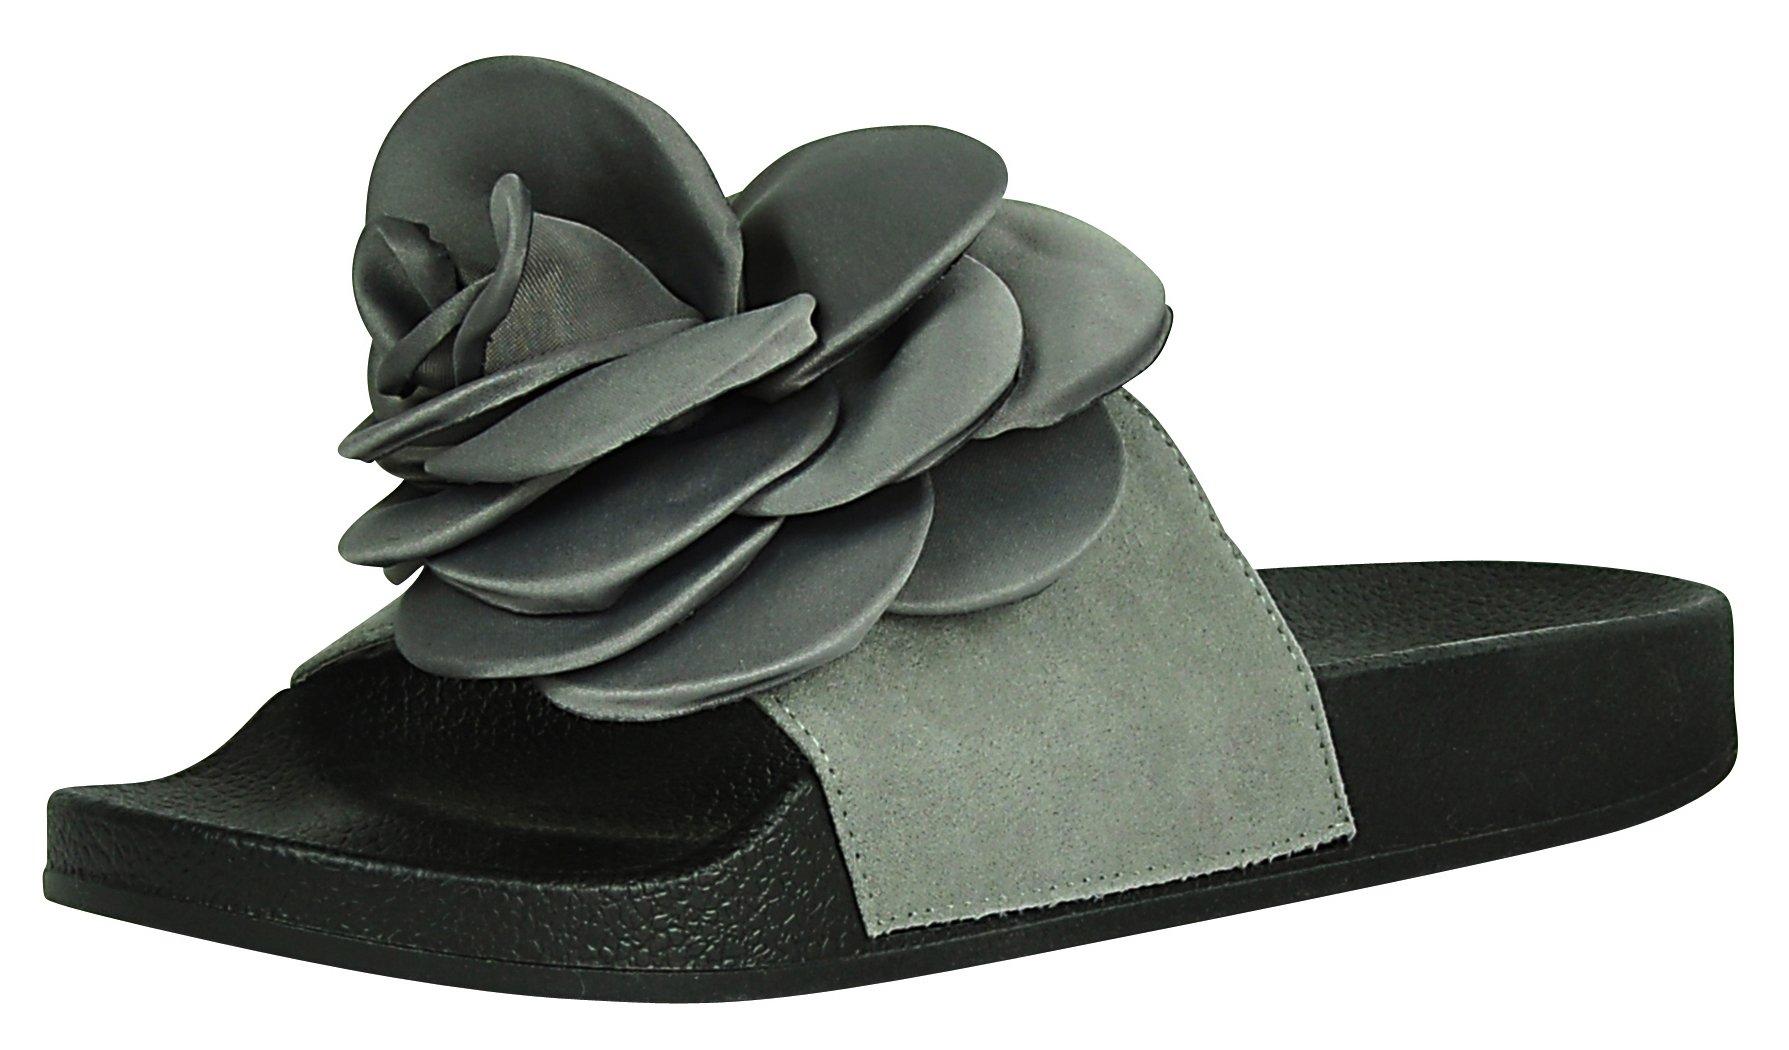 Cambridge Select Women's Open Toe Flower Rose Mixed Media Slip-On Flat Slide Sandal (8 B(M) US, Grey)